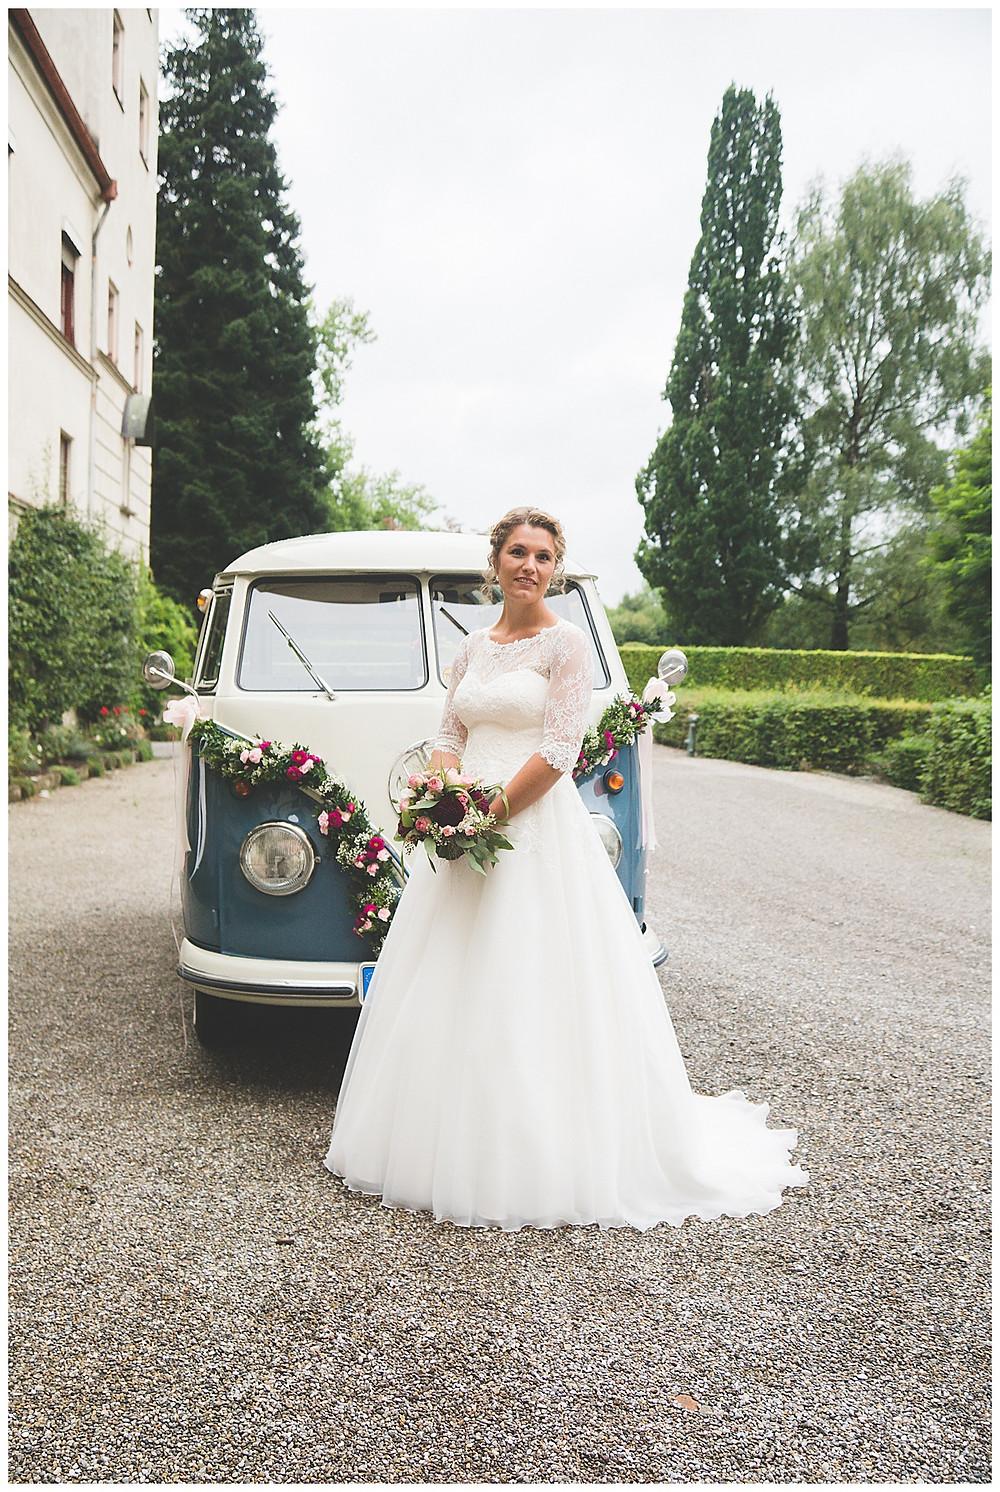 Braut steht vor Brautauto VW Bully mit Straußen in der Hand